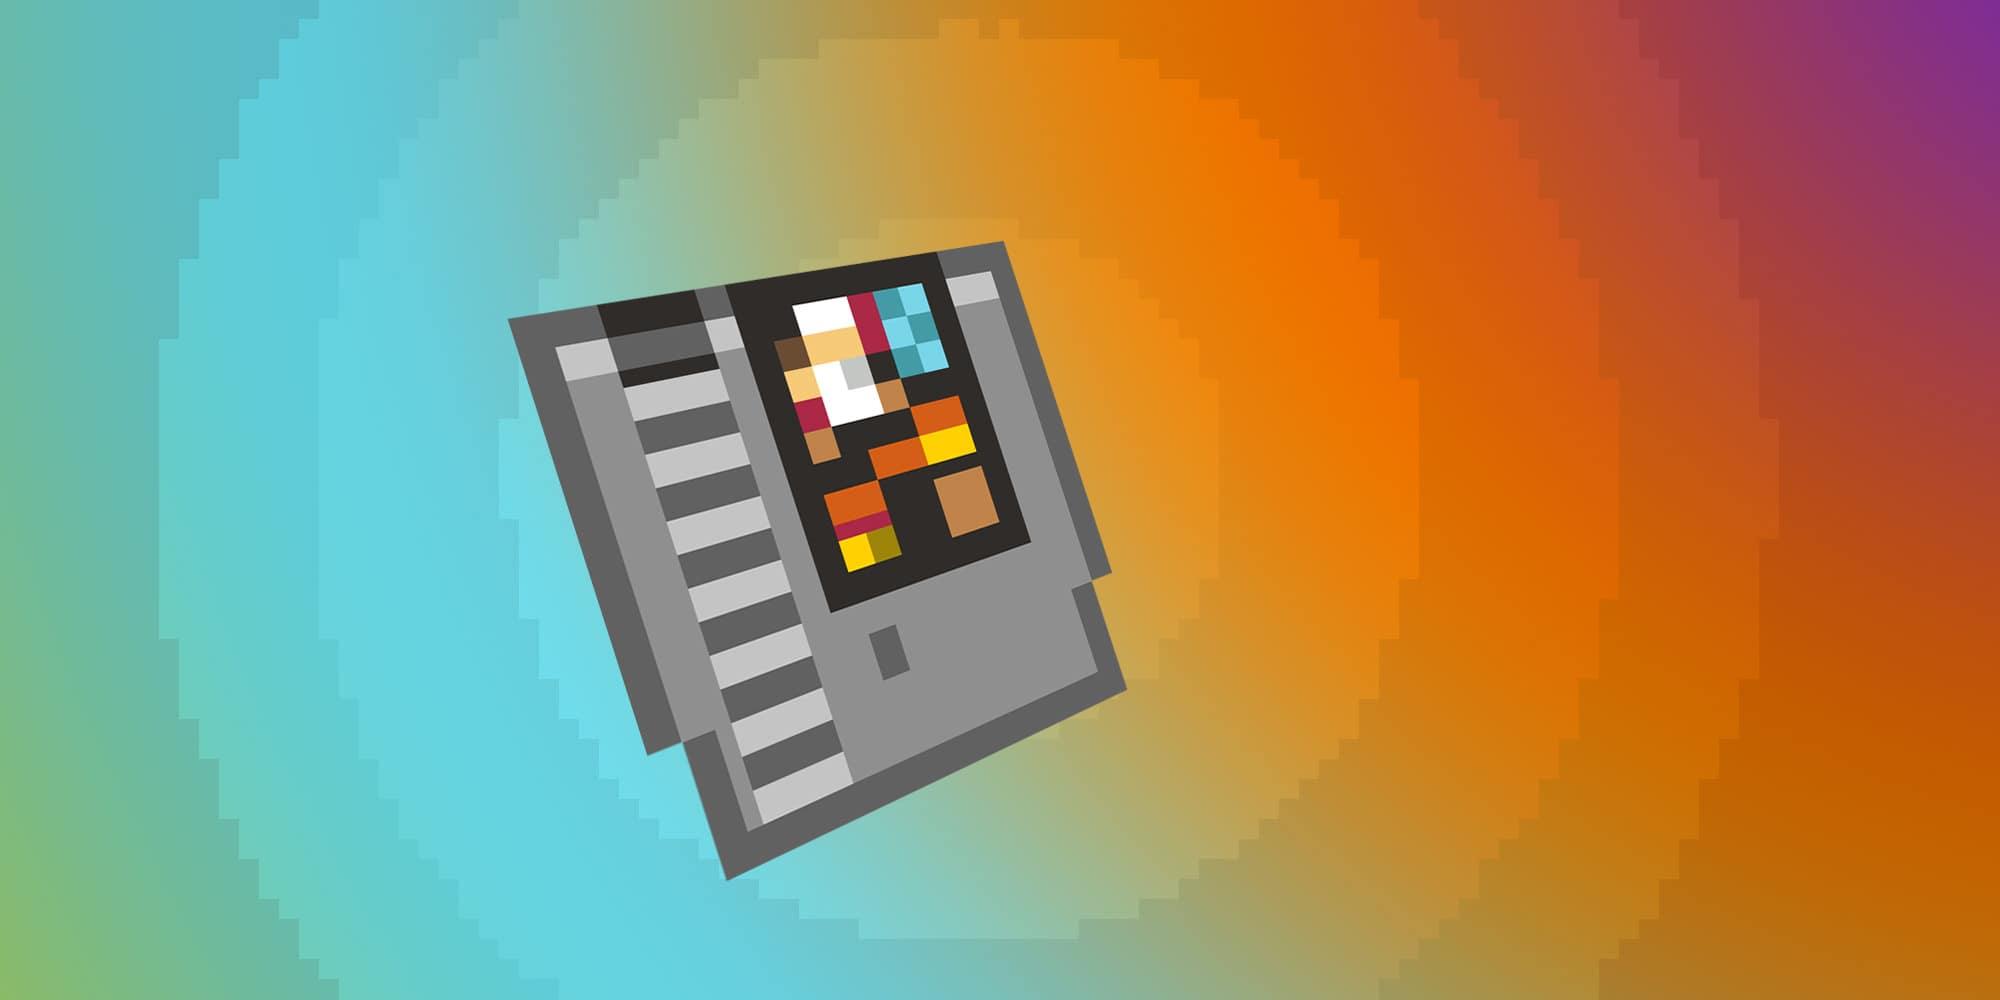 iOS Emulation, gamepads, Cydia, Xcode, builds io - A